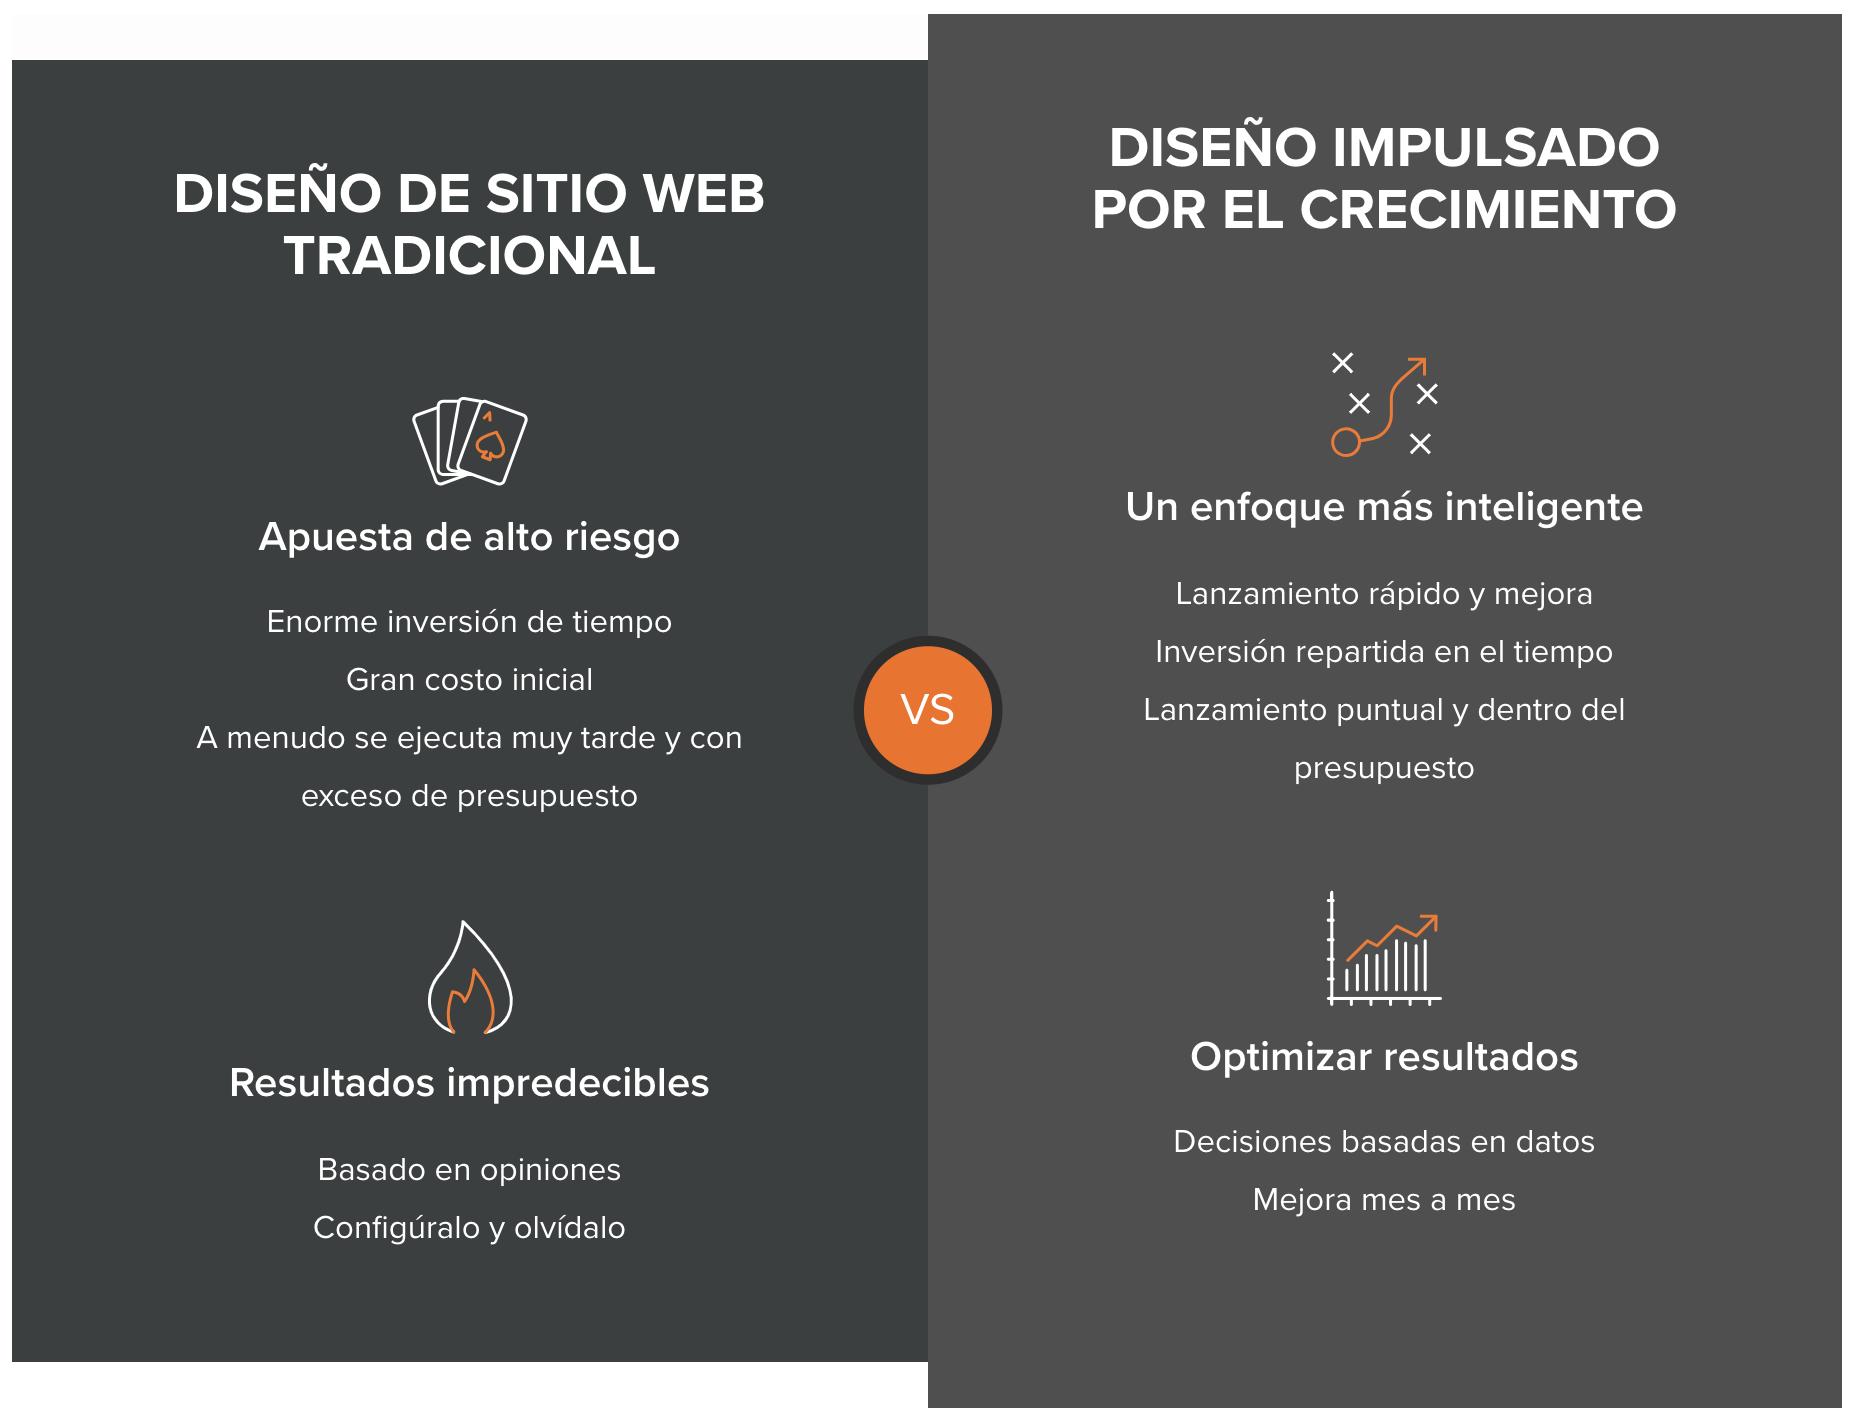 riesgos-diseno-web-tradicional